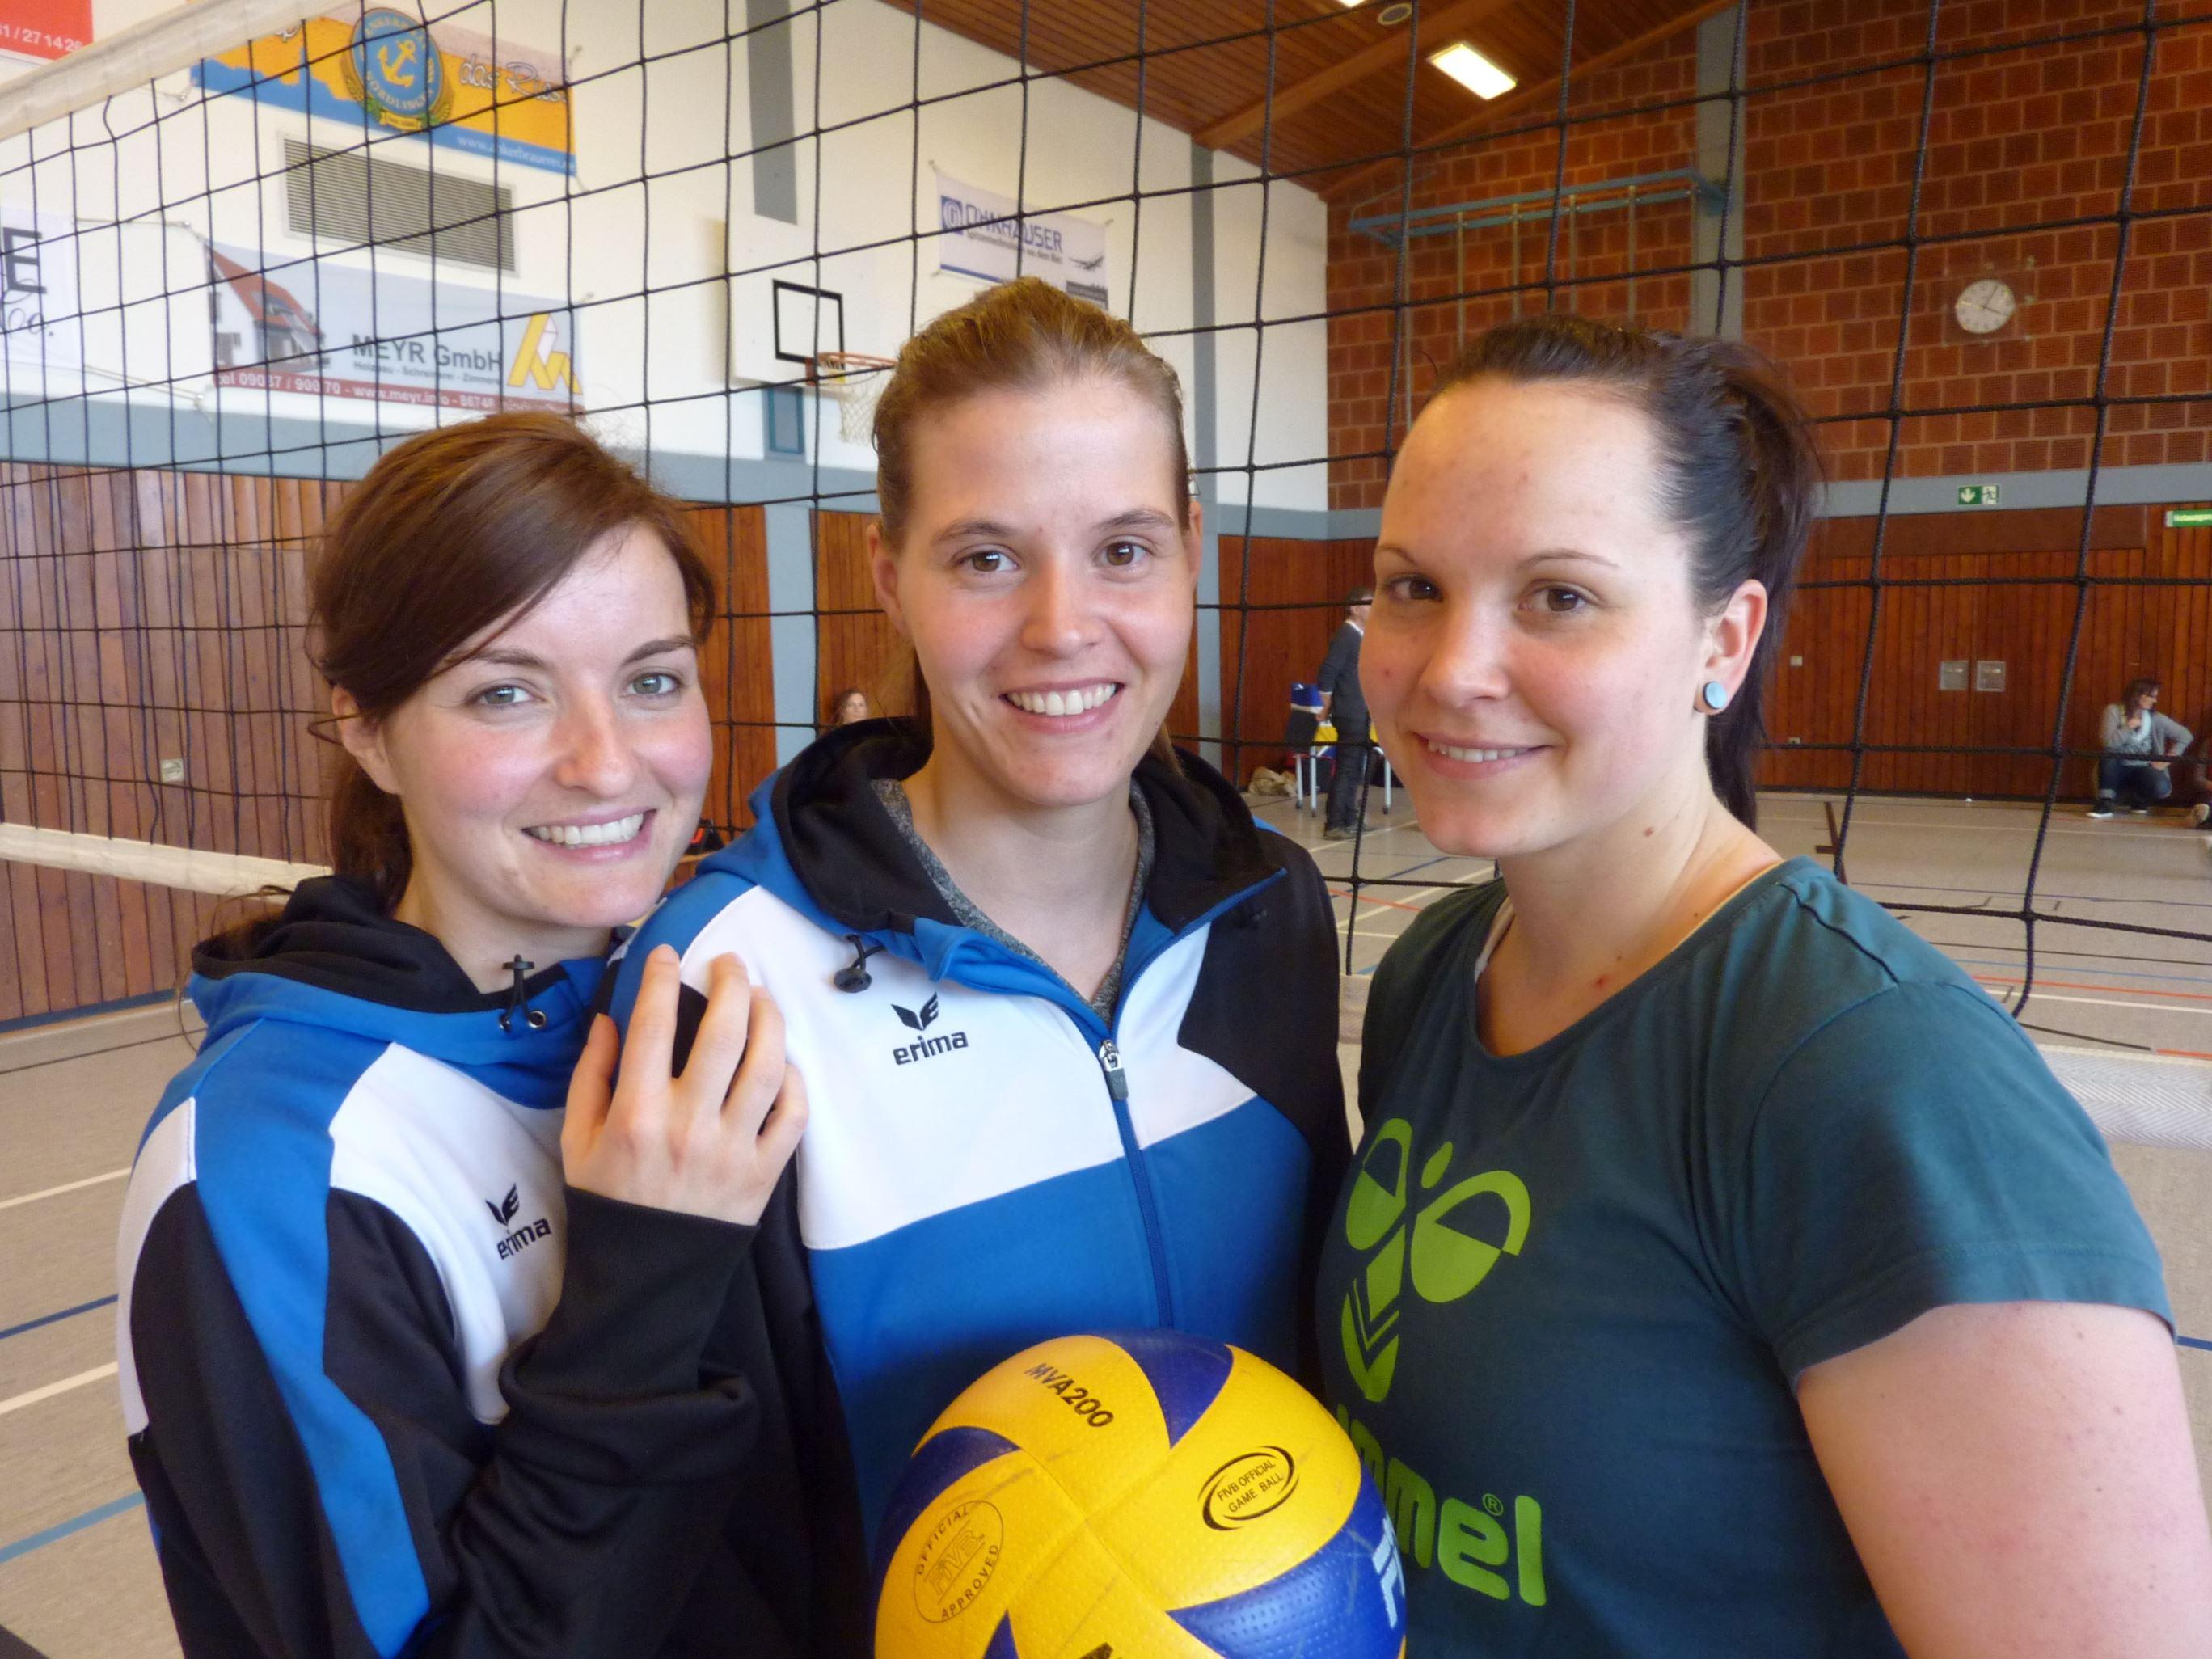 2016-04-03 Theresa, Rebekka, Eva-Maria